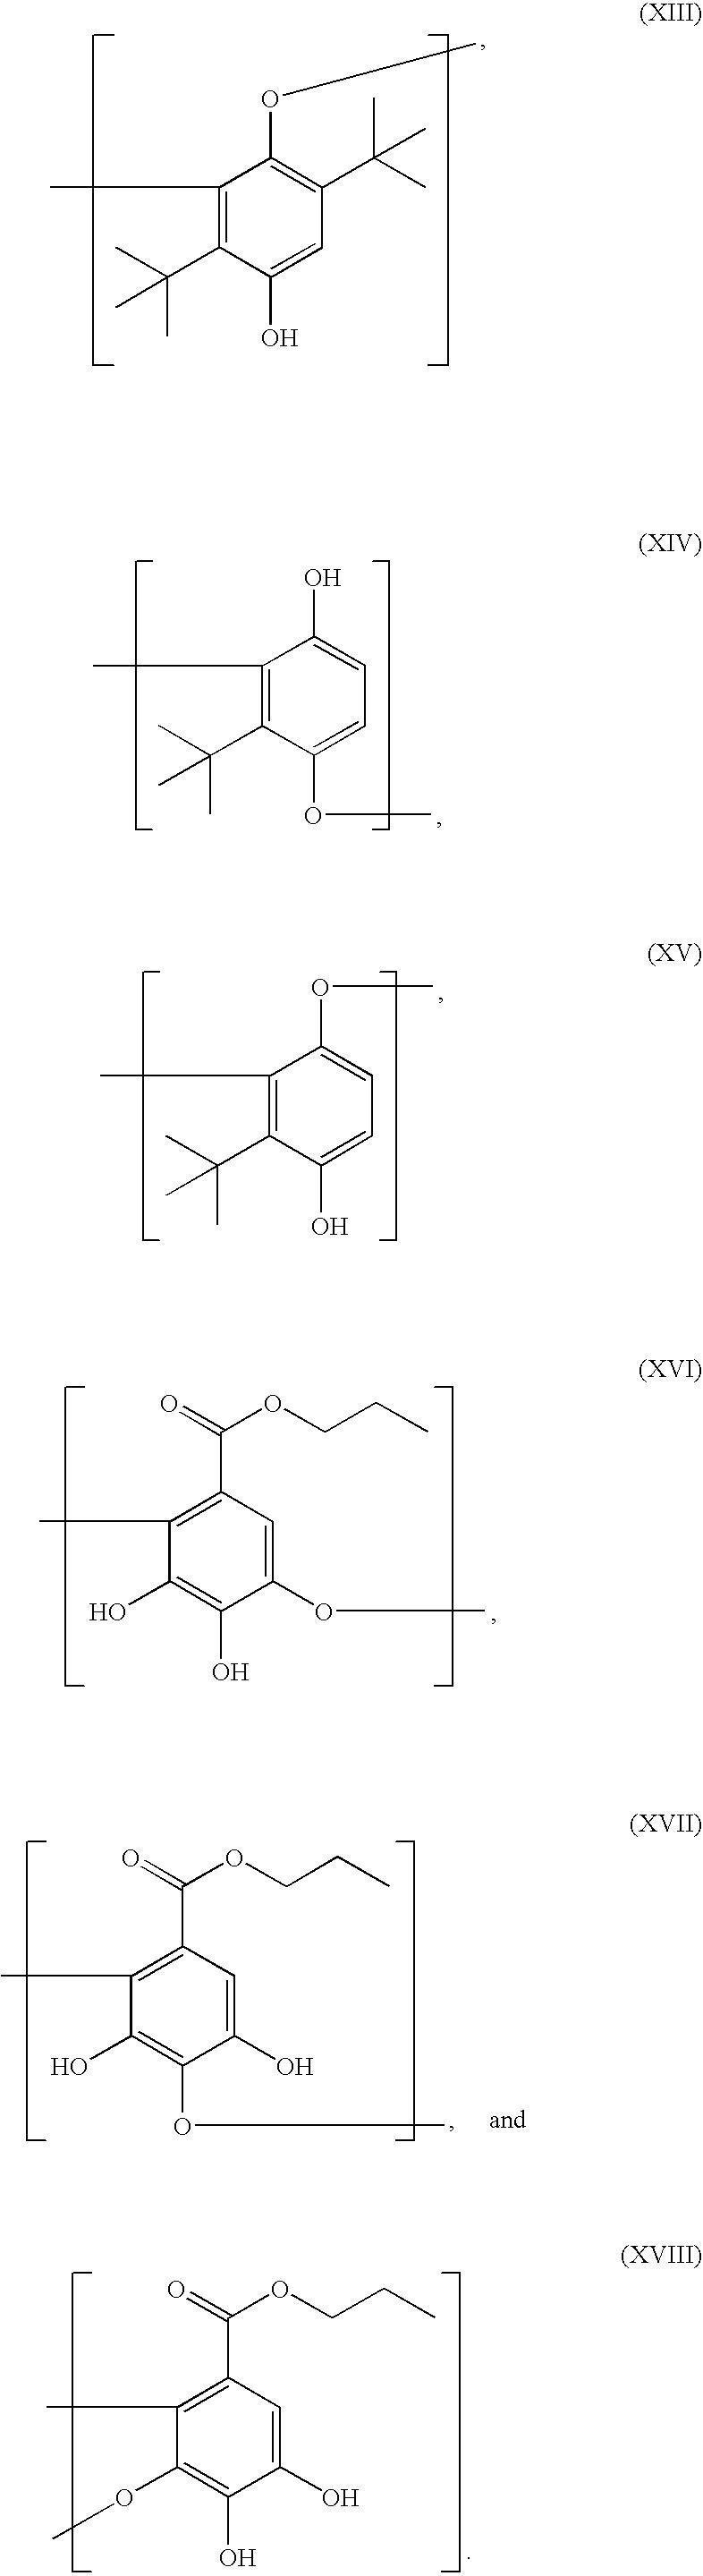 Figure US20030230743A1-20031218-C00034